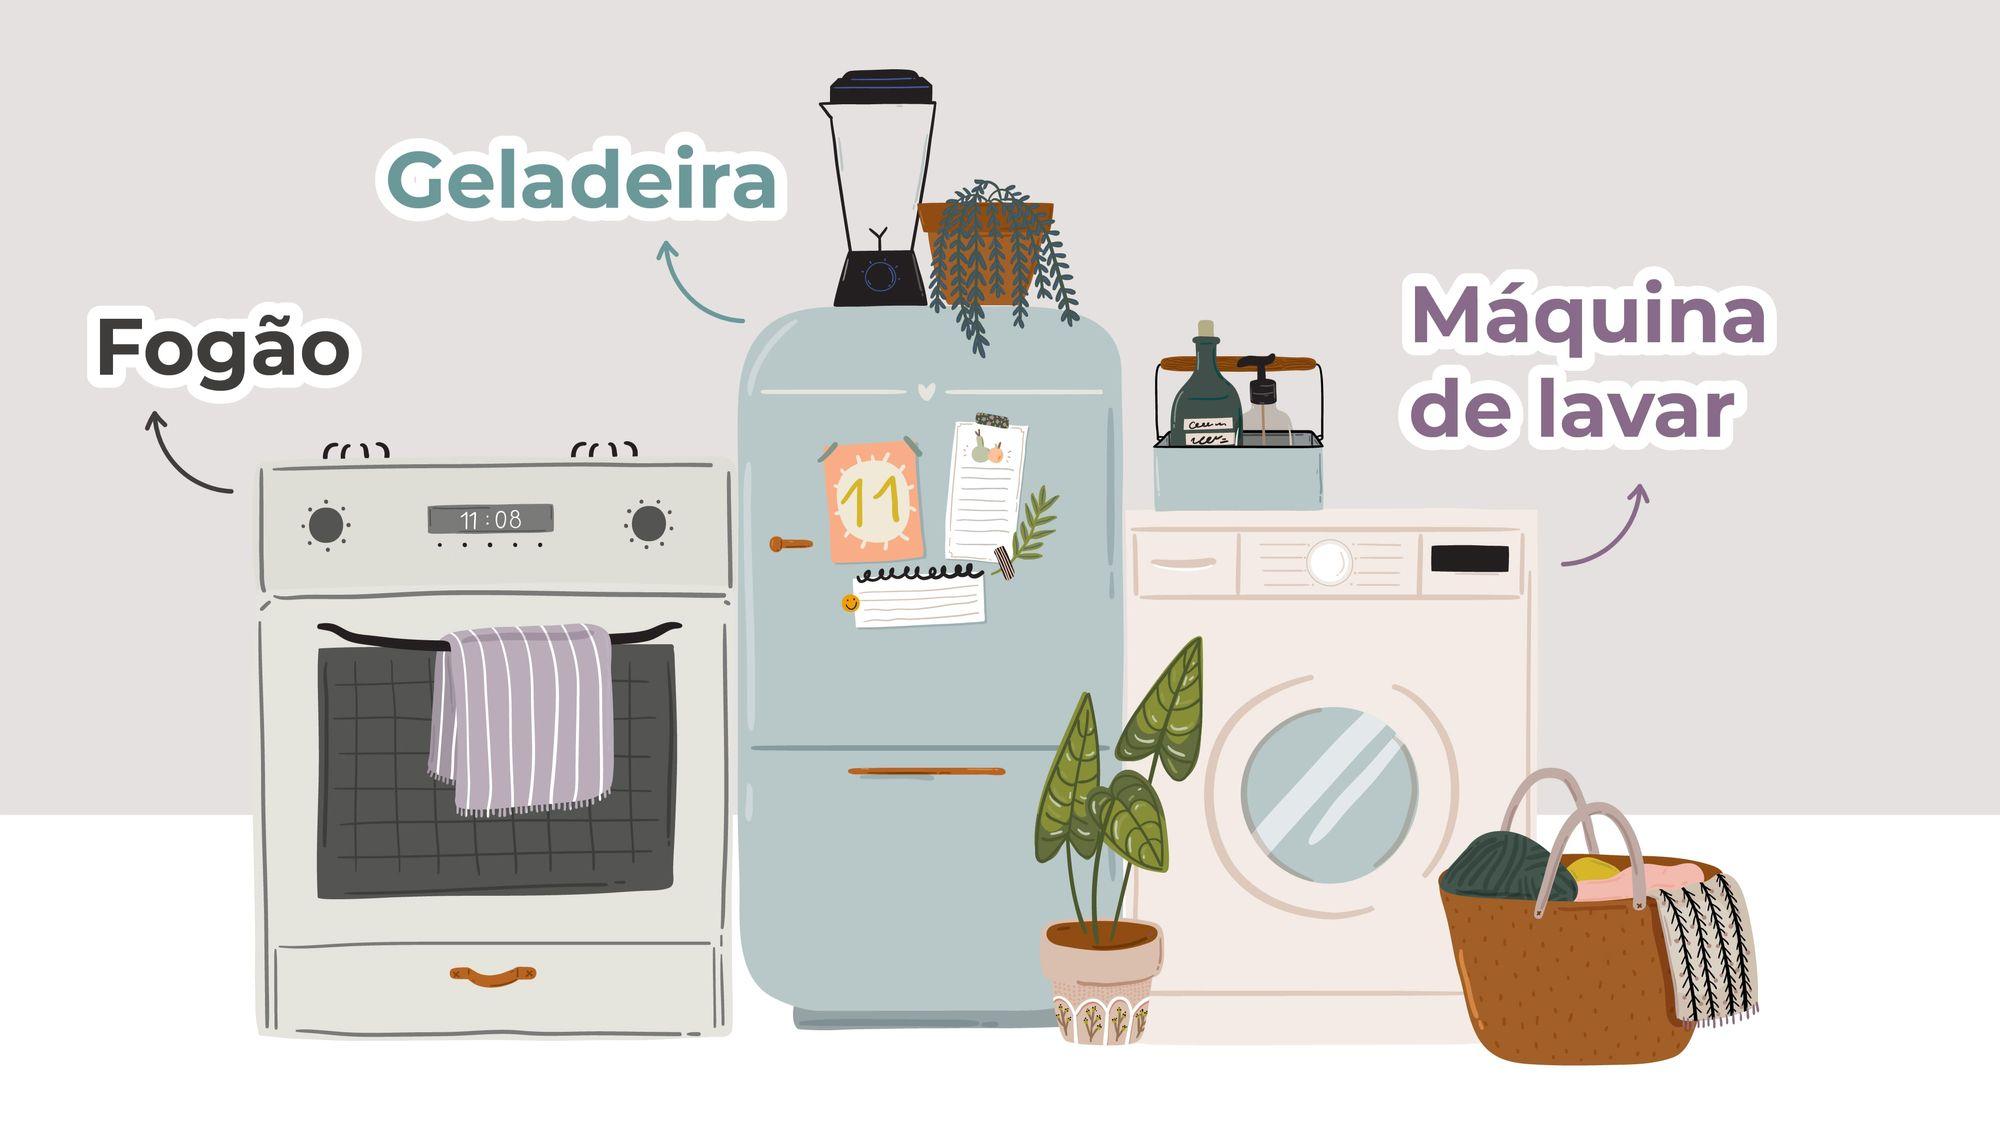 Ilustração de fogão, geladeira e máquina de lavar